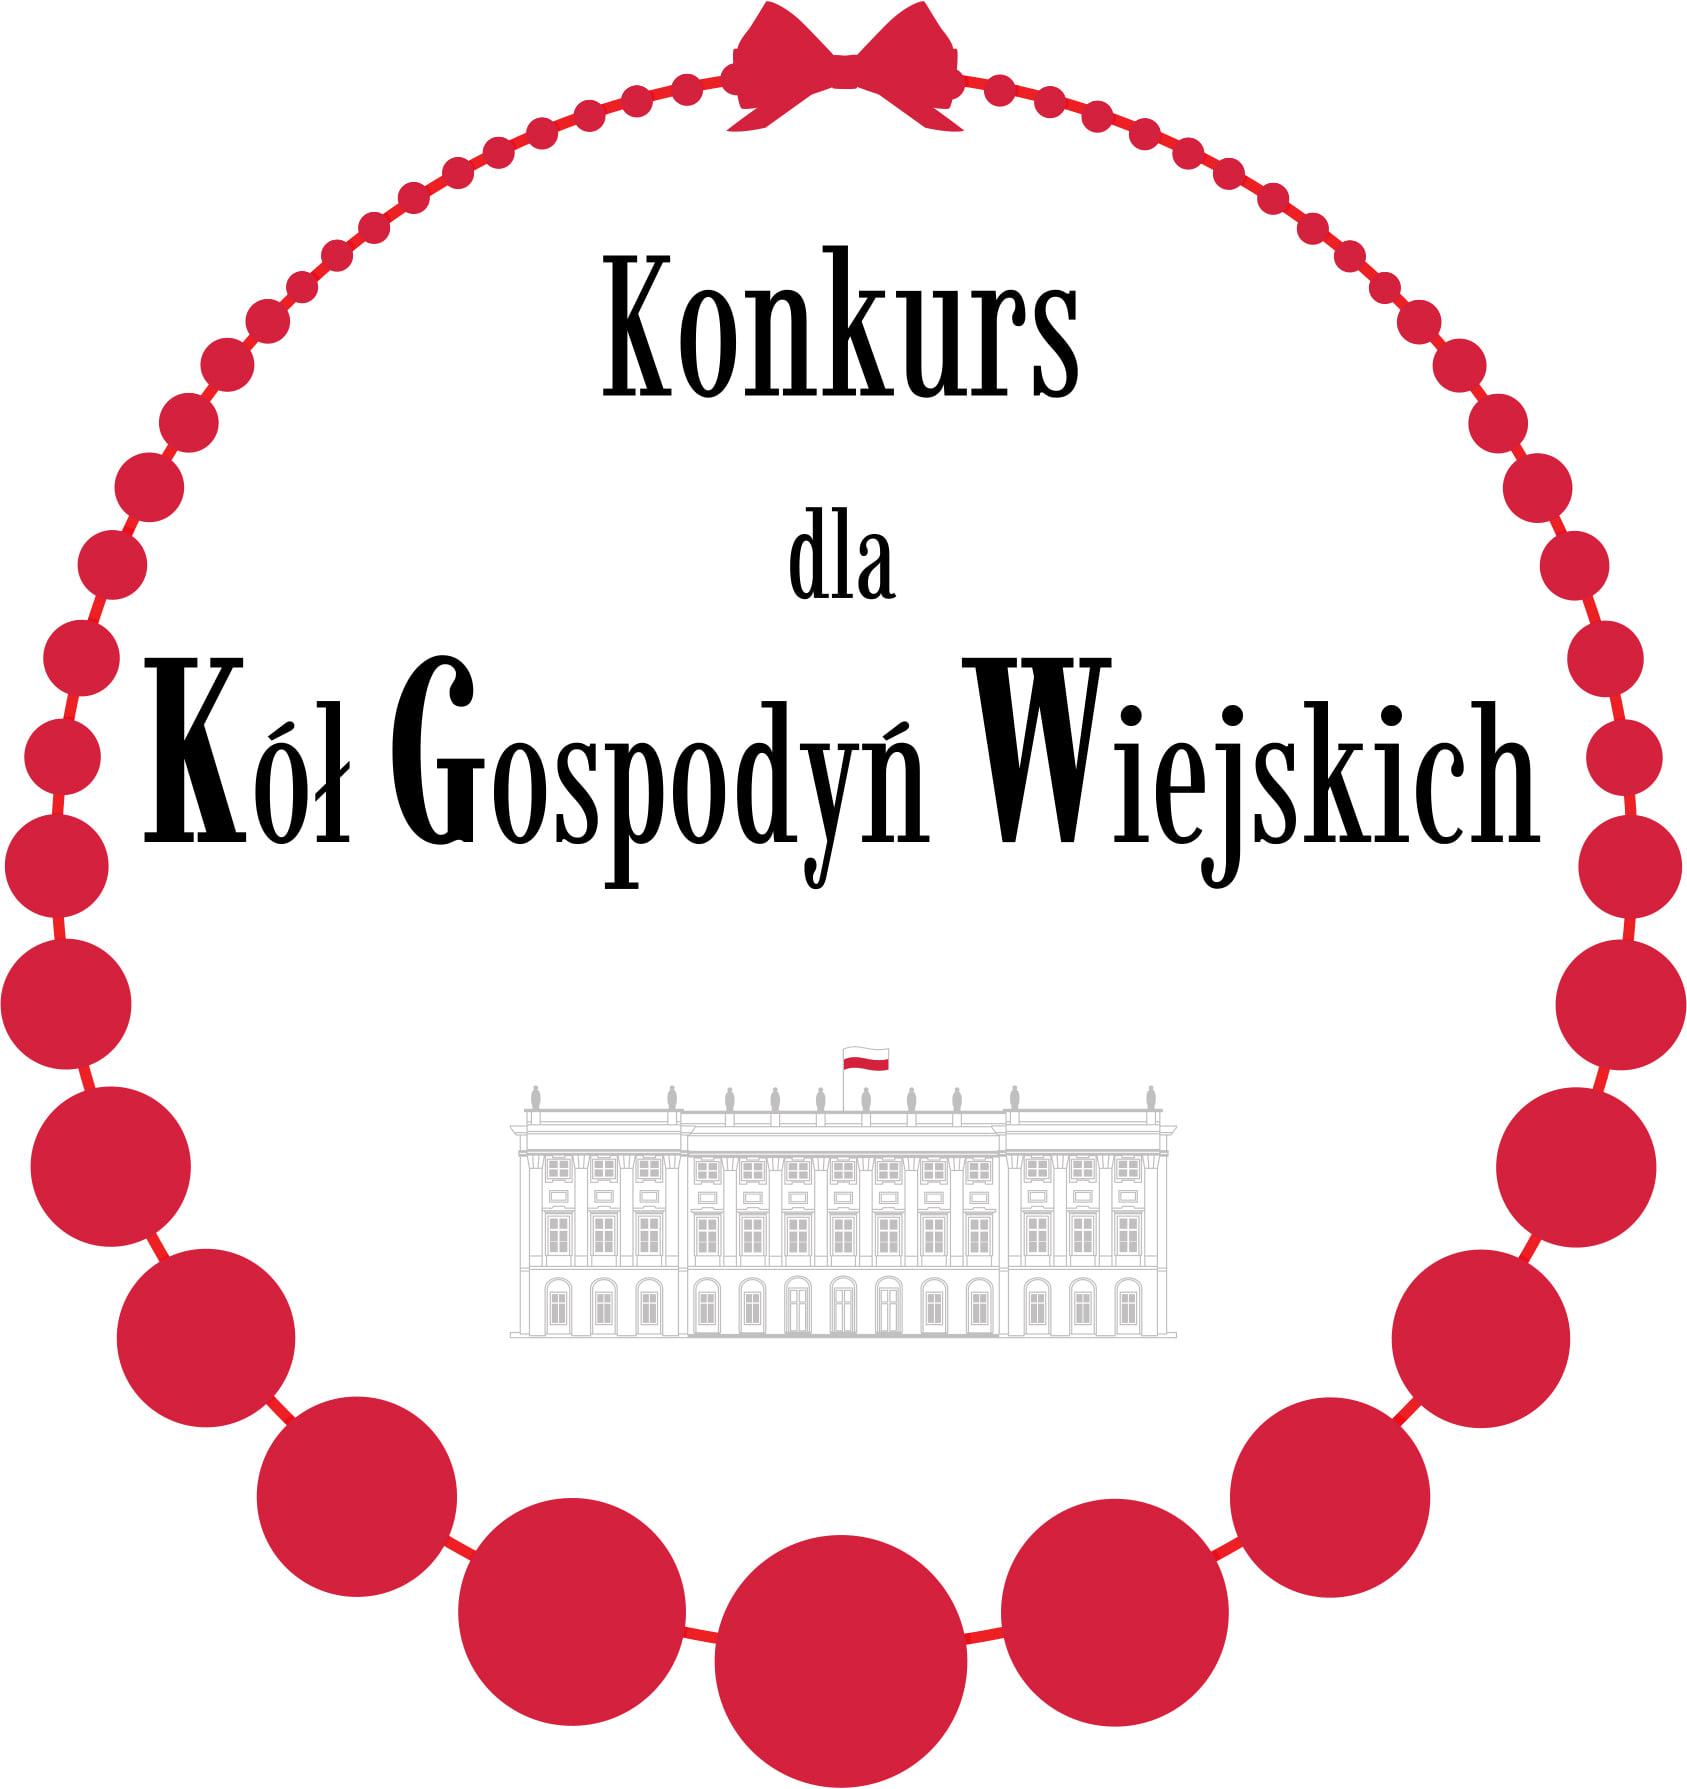 plakat konkursu przedstawia czerwone korale a w srodku grafika pałacu prezydenckiego